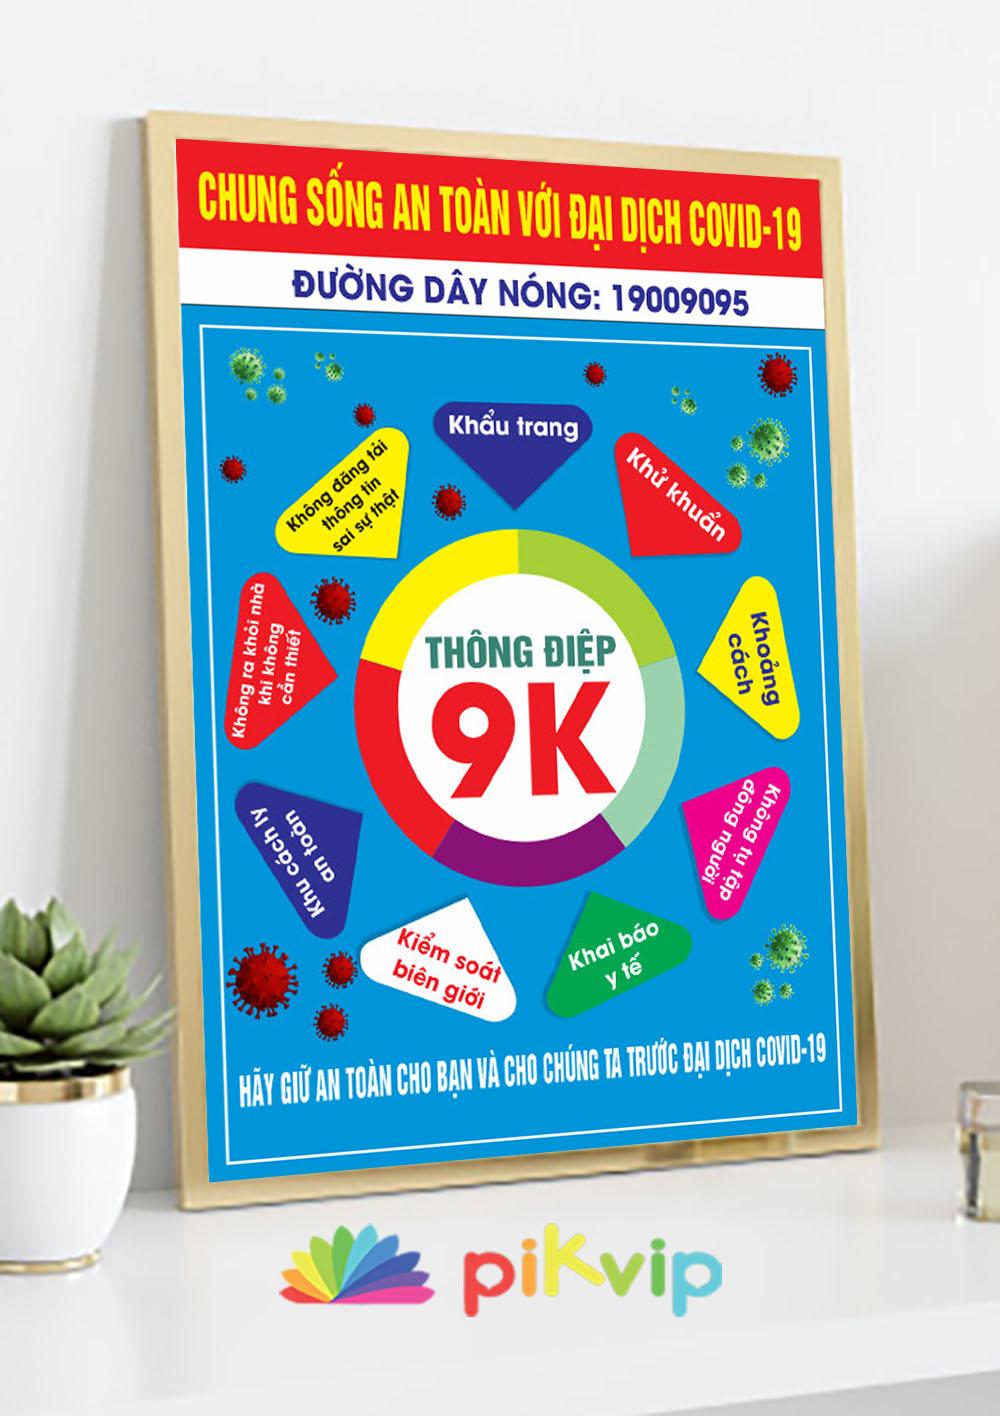 Mẫu poster covid 19 thông điệp 9k